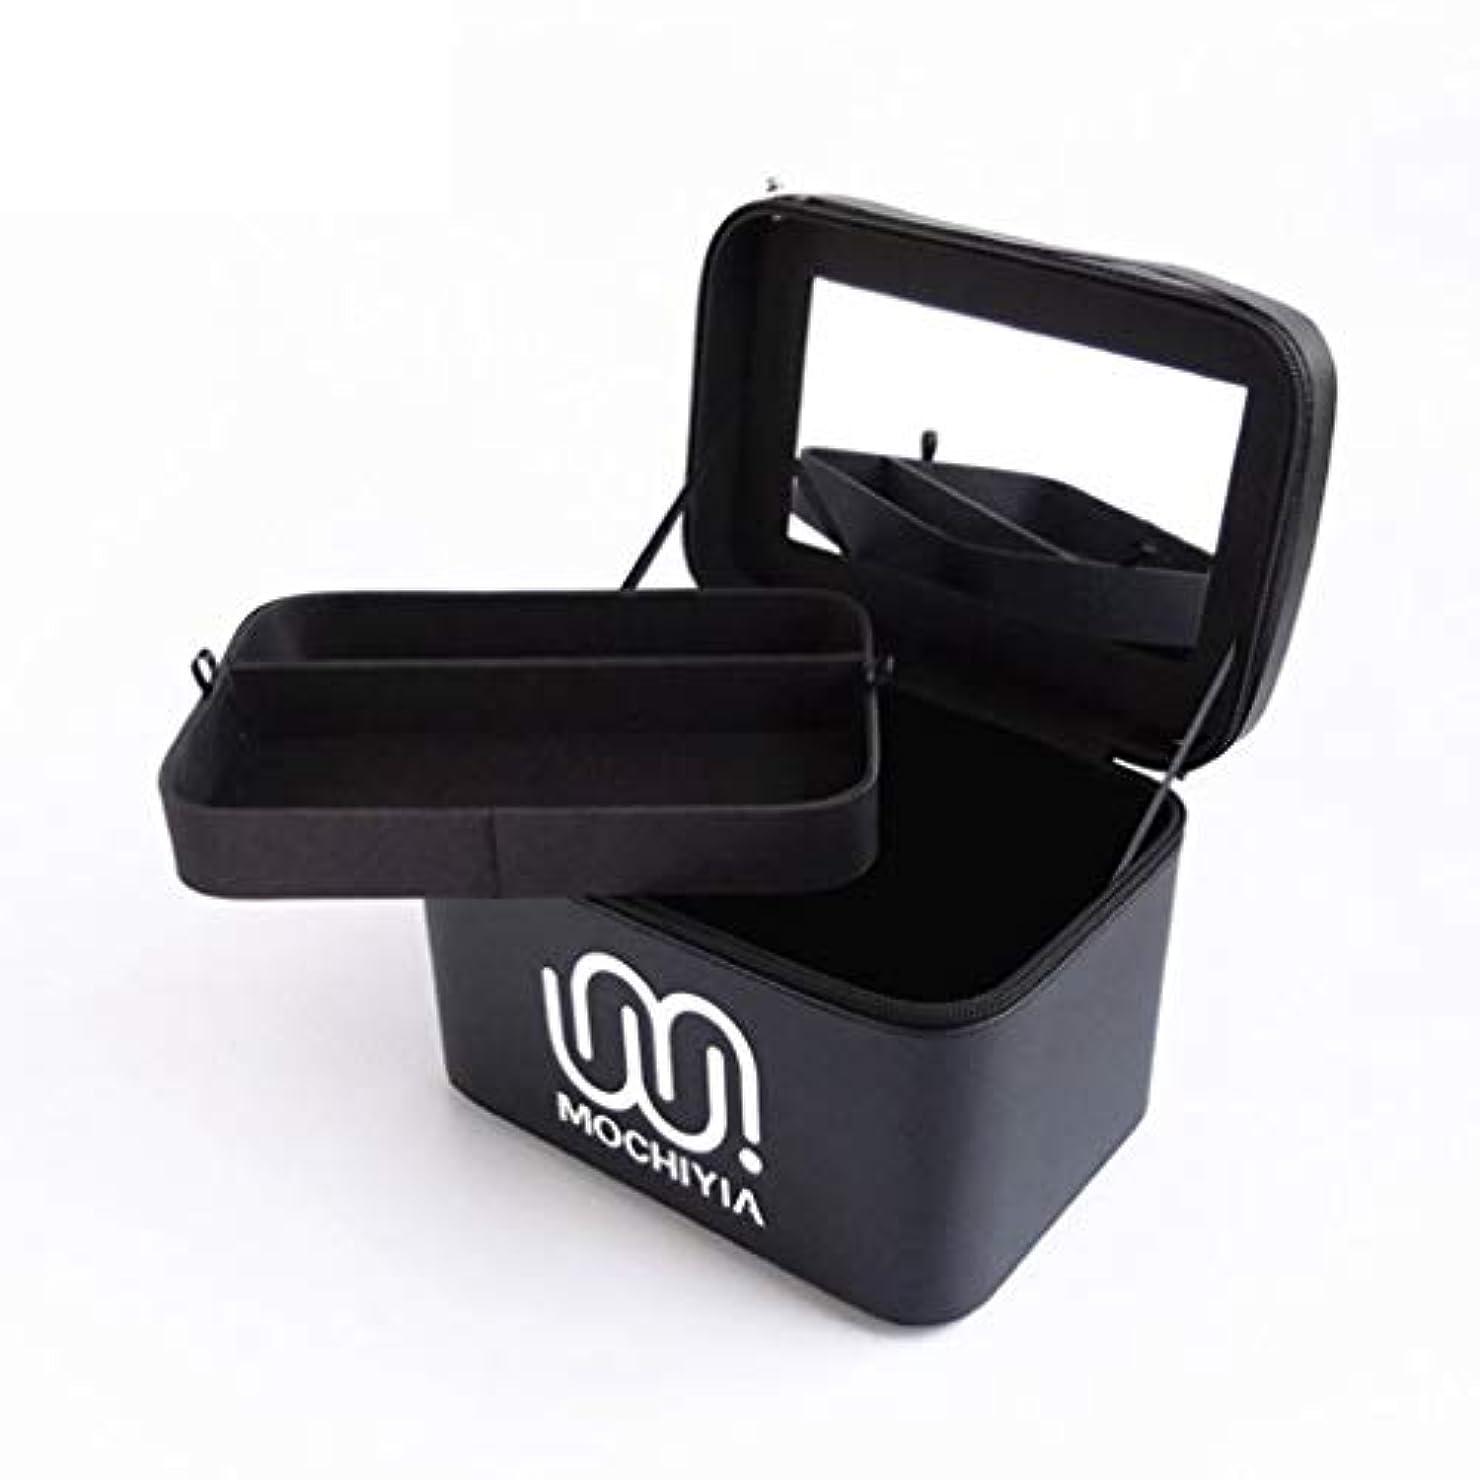 ドームアトム接触メイクボックス 鏡付き ガールズ メイクポーチ 23×16×16cm 仕切り トラベルポーチ コスメ収納ポッチ 洗面用具入れ フック付き 収納バッグ おしゃれ 小物整理 超軽量 出張用 旅行用 化粧ケース